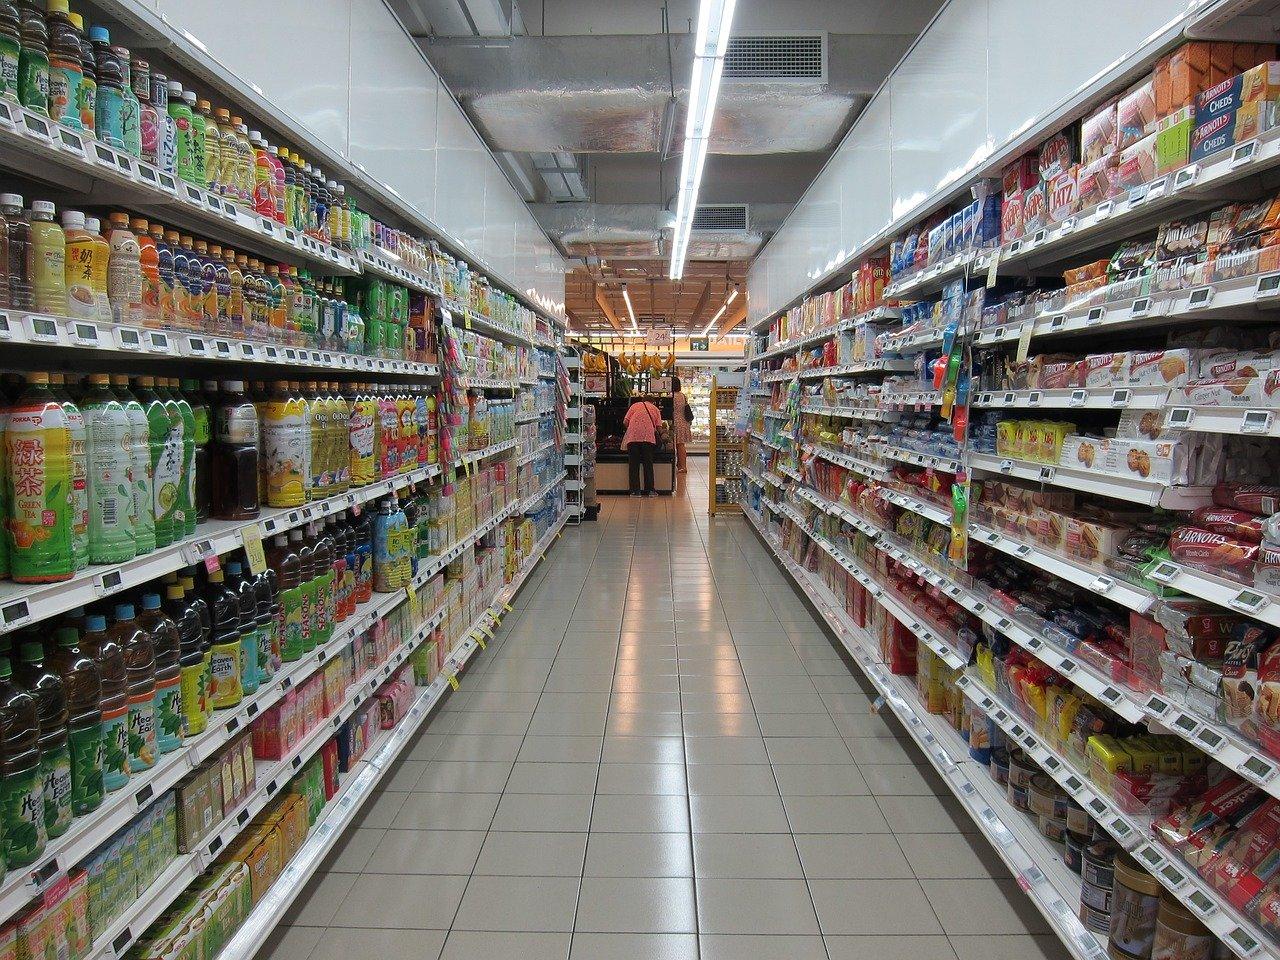 Supermercado, pasillo